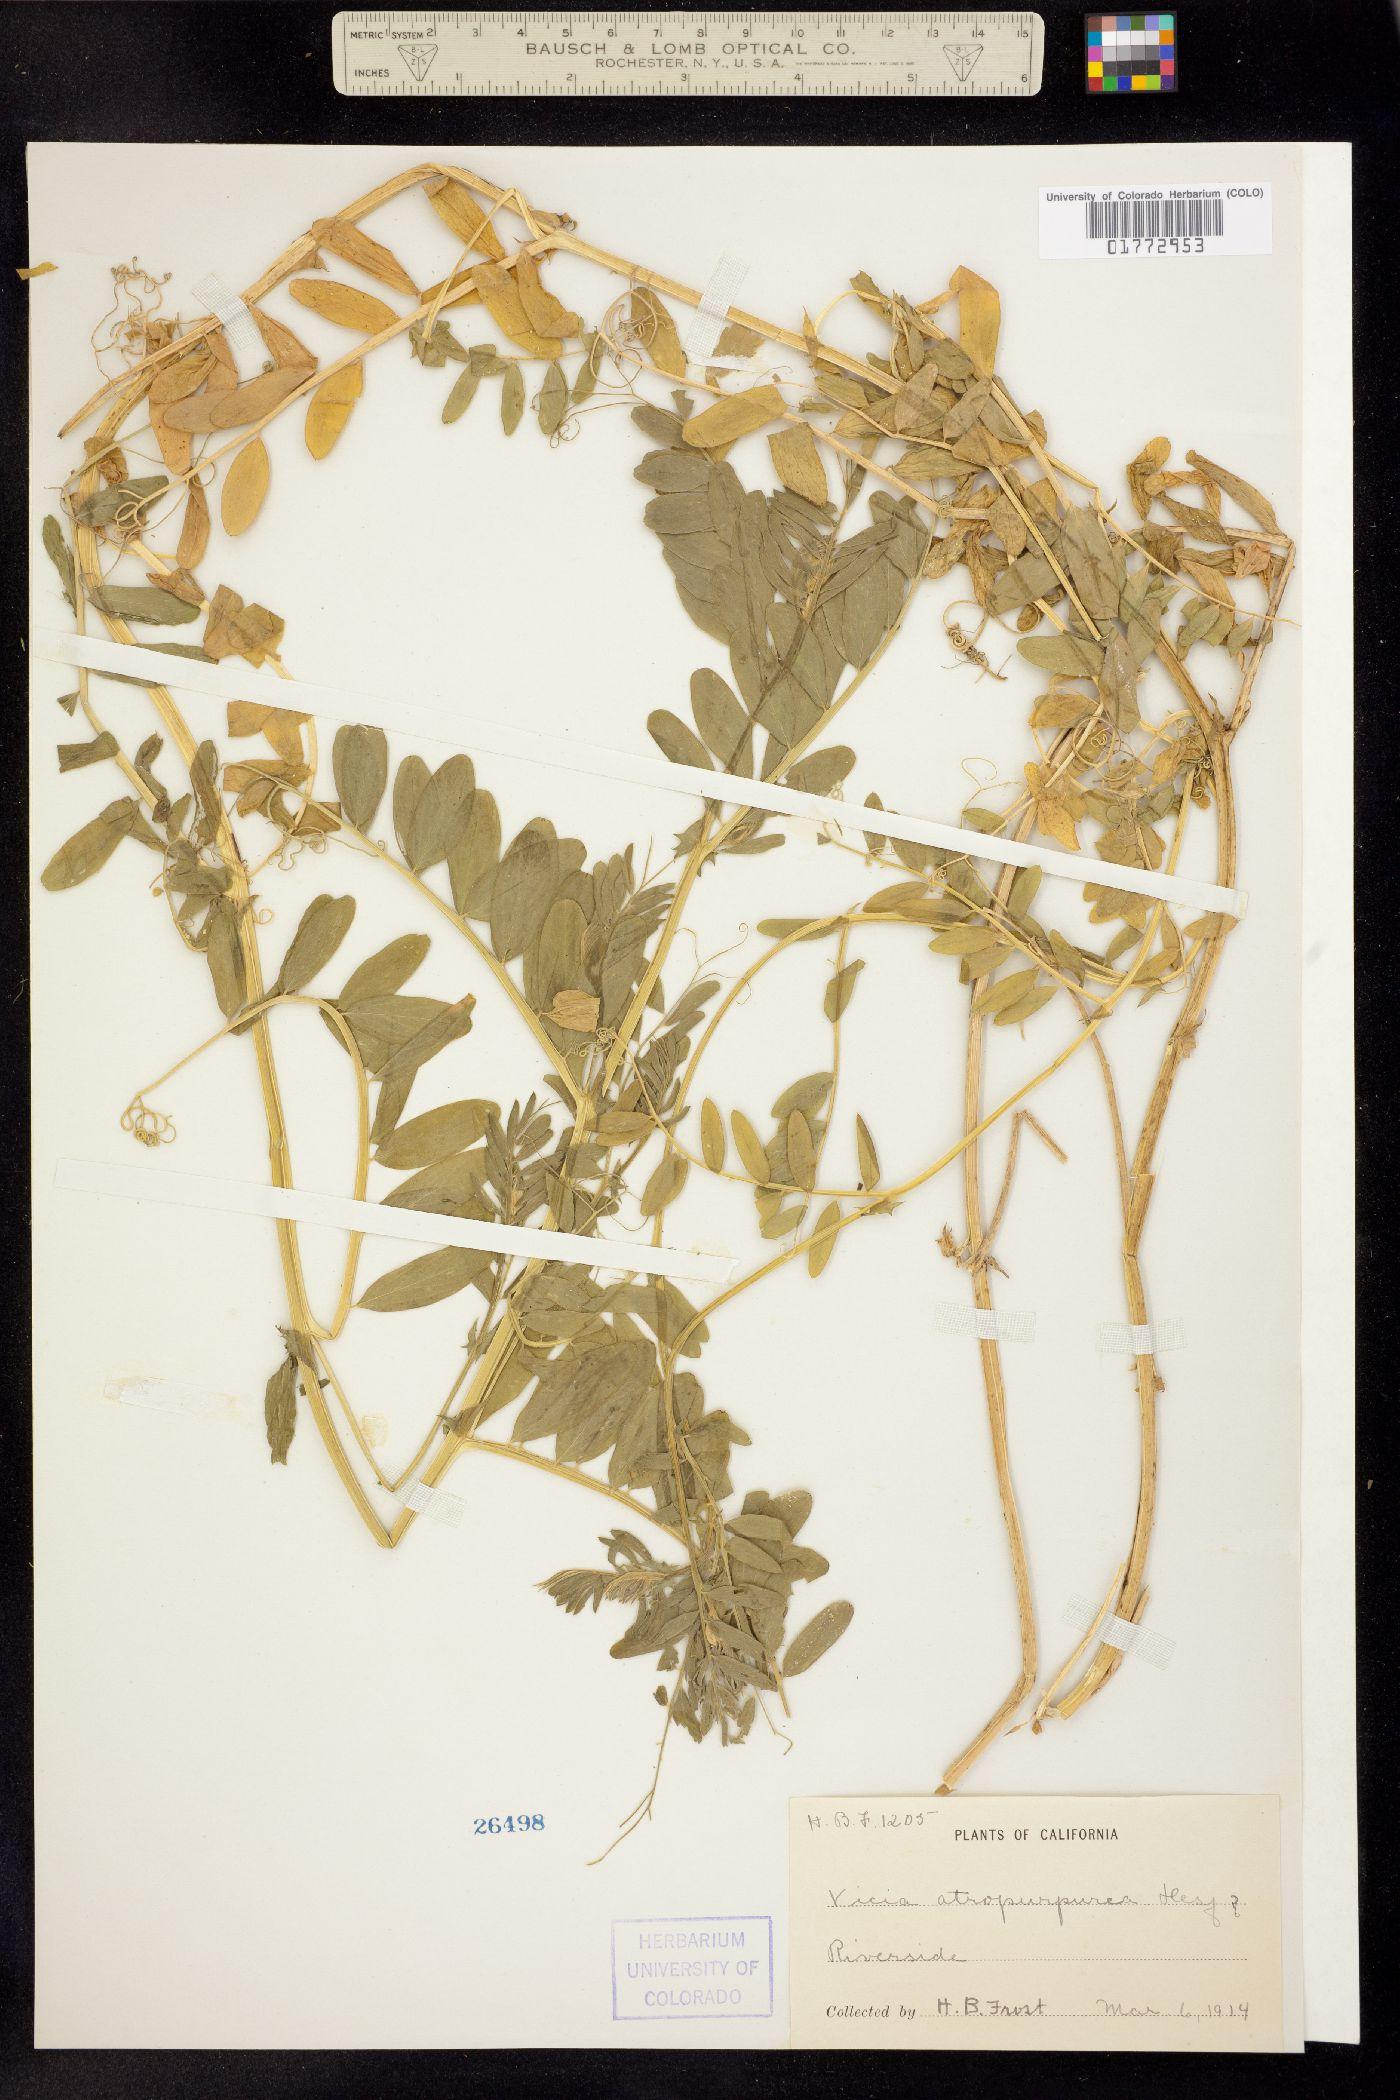 Vicia atropurpurea image